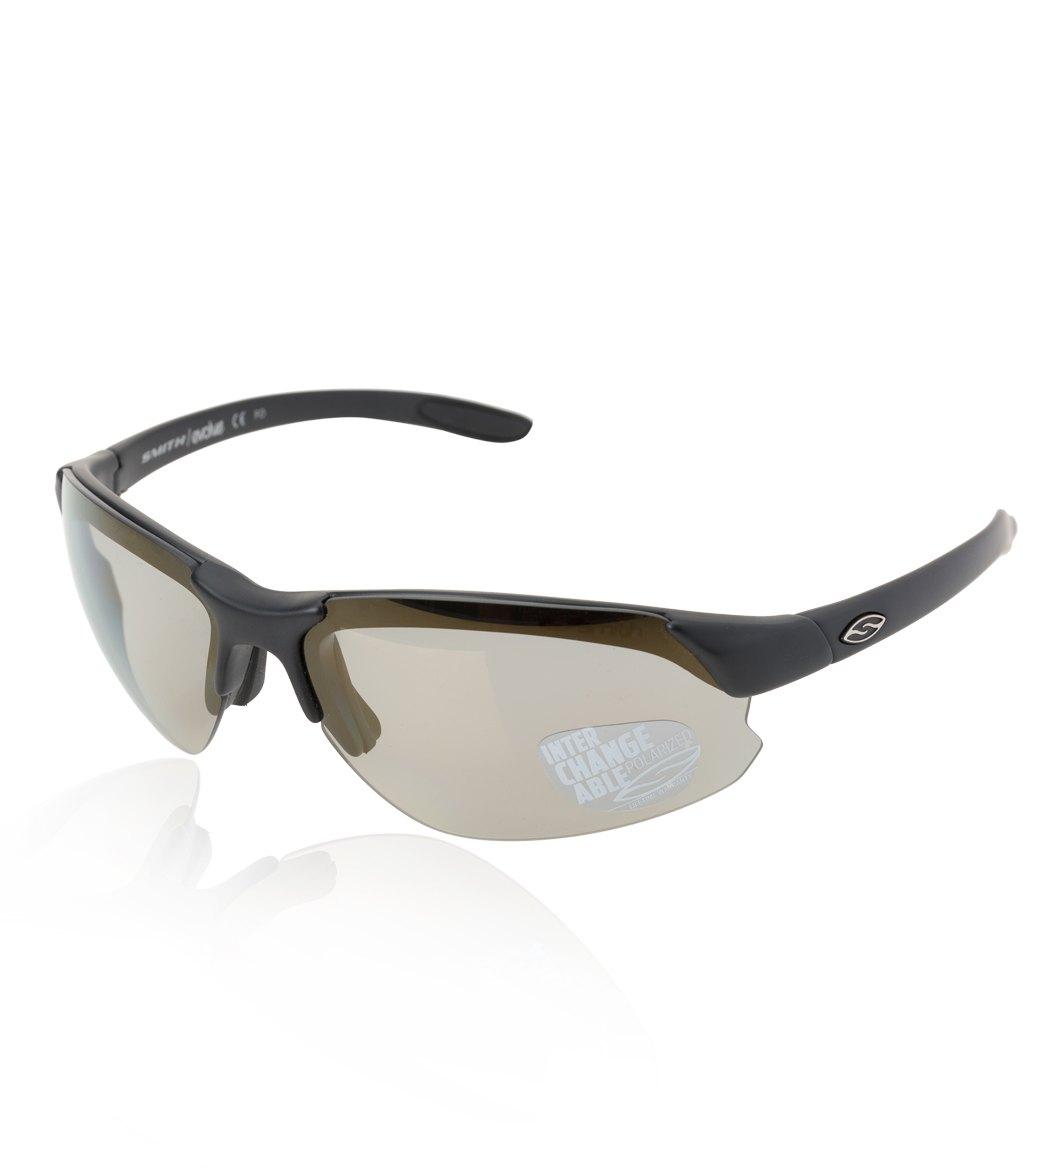 0b640d4fad Smith Optics Men s Parallel D Max Sunglasses at SwimOutlet.com - Free  Shipping